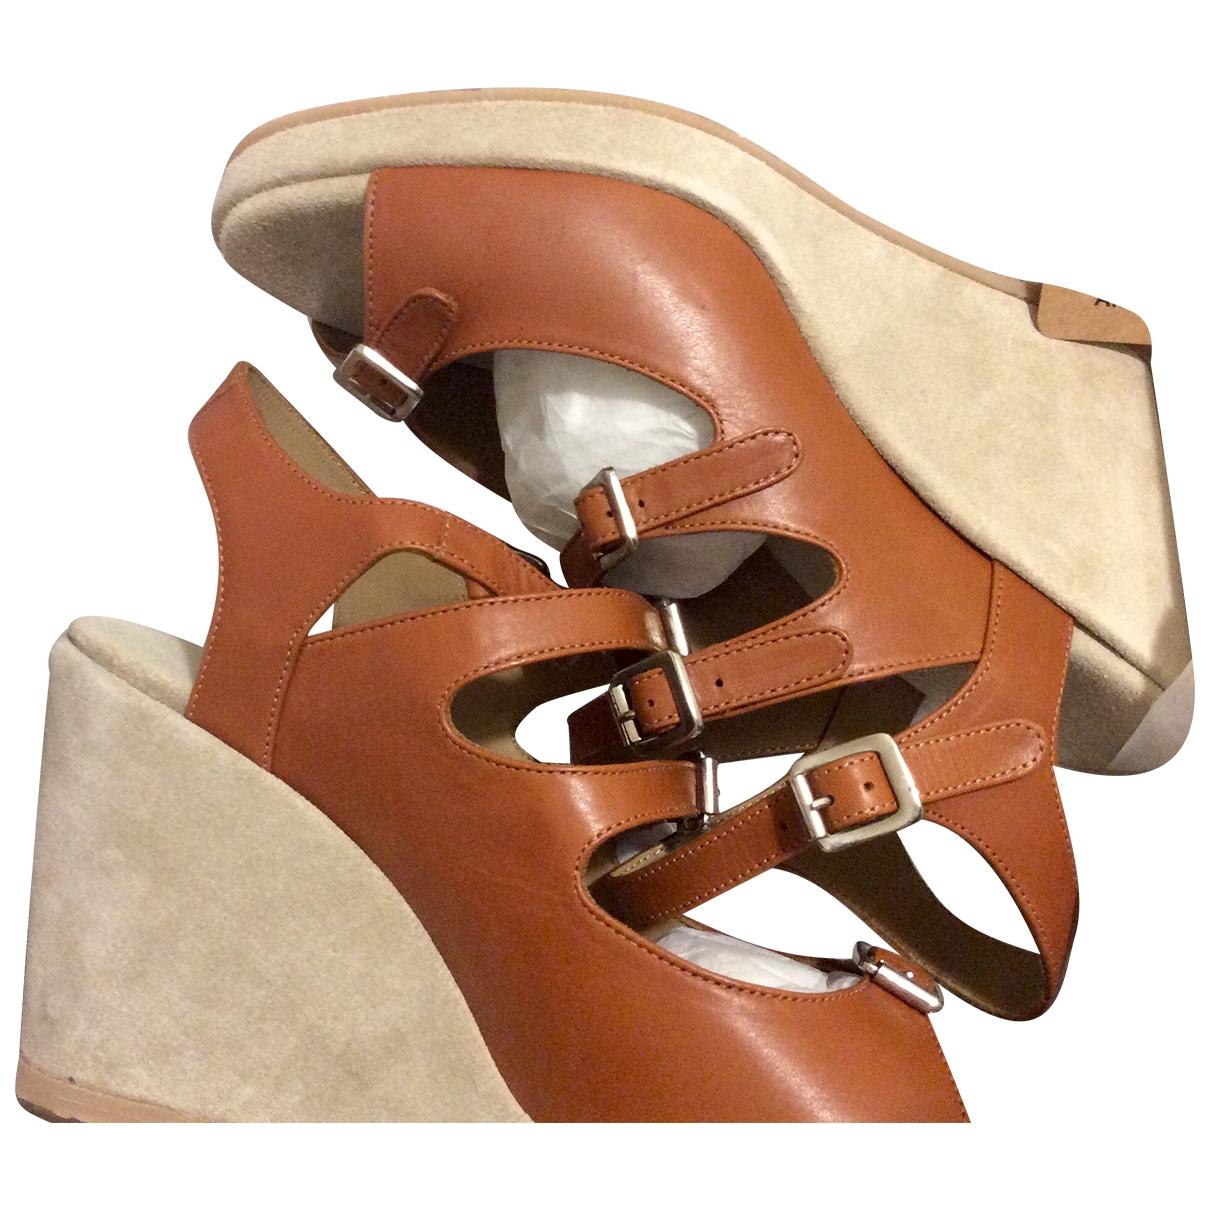 Apc - Espadrilles   pour femme en cuir - marron